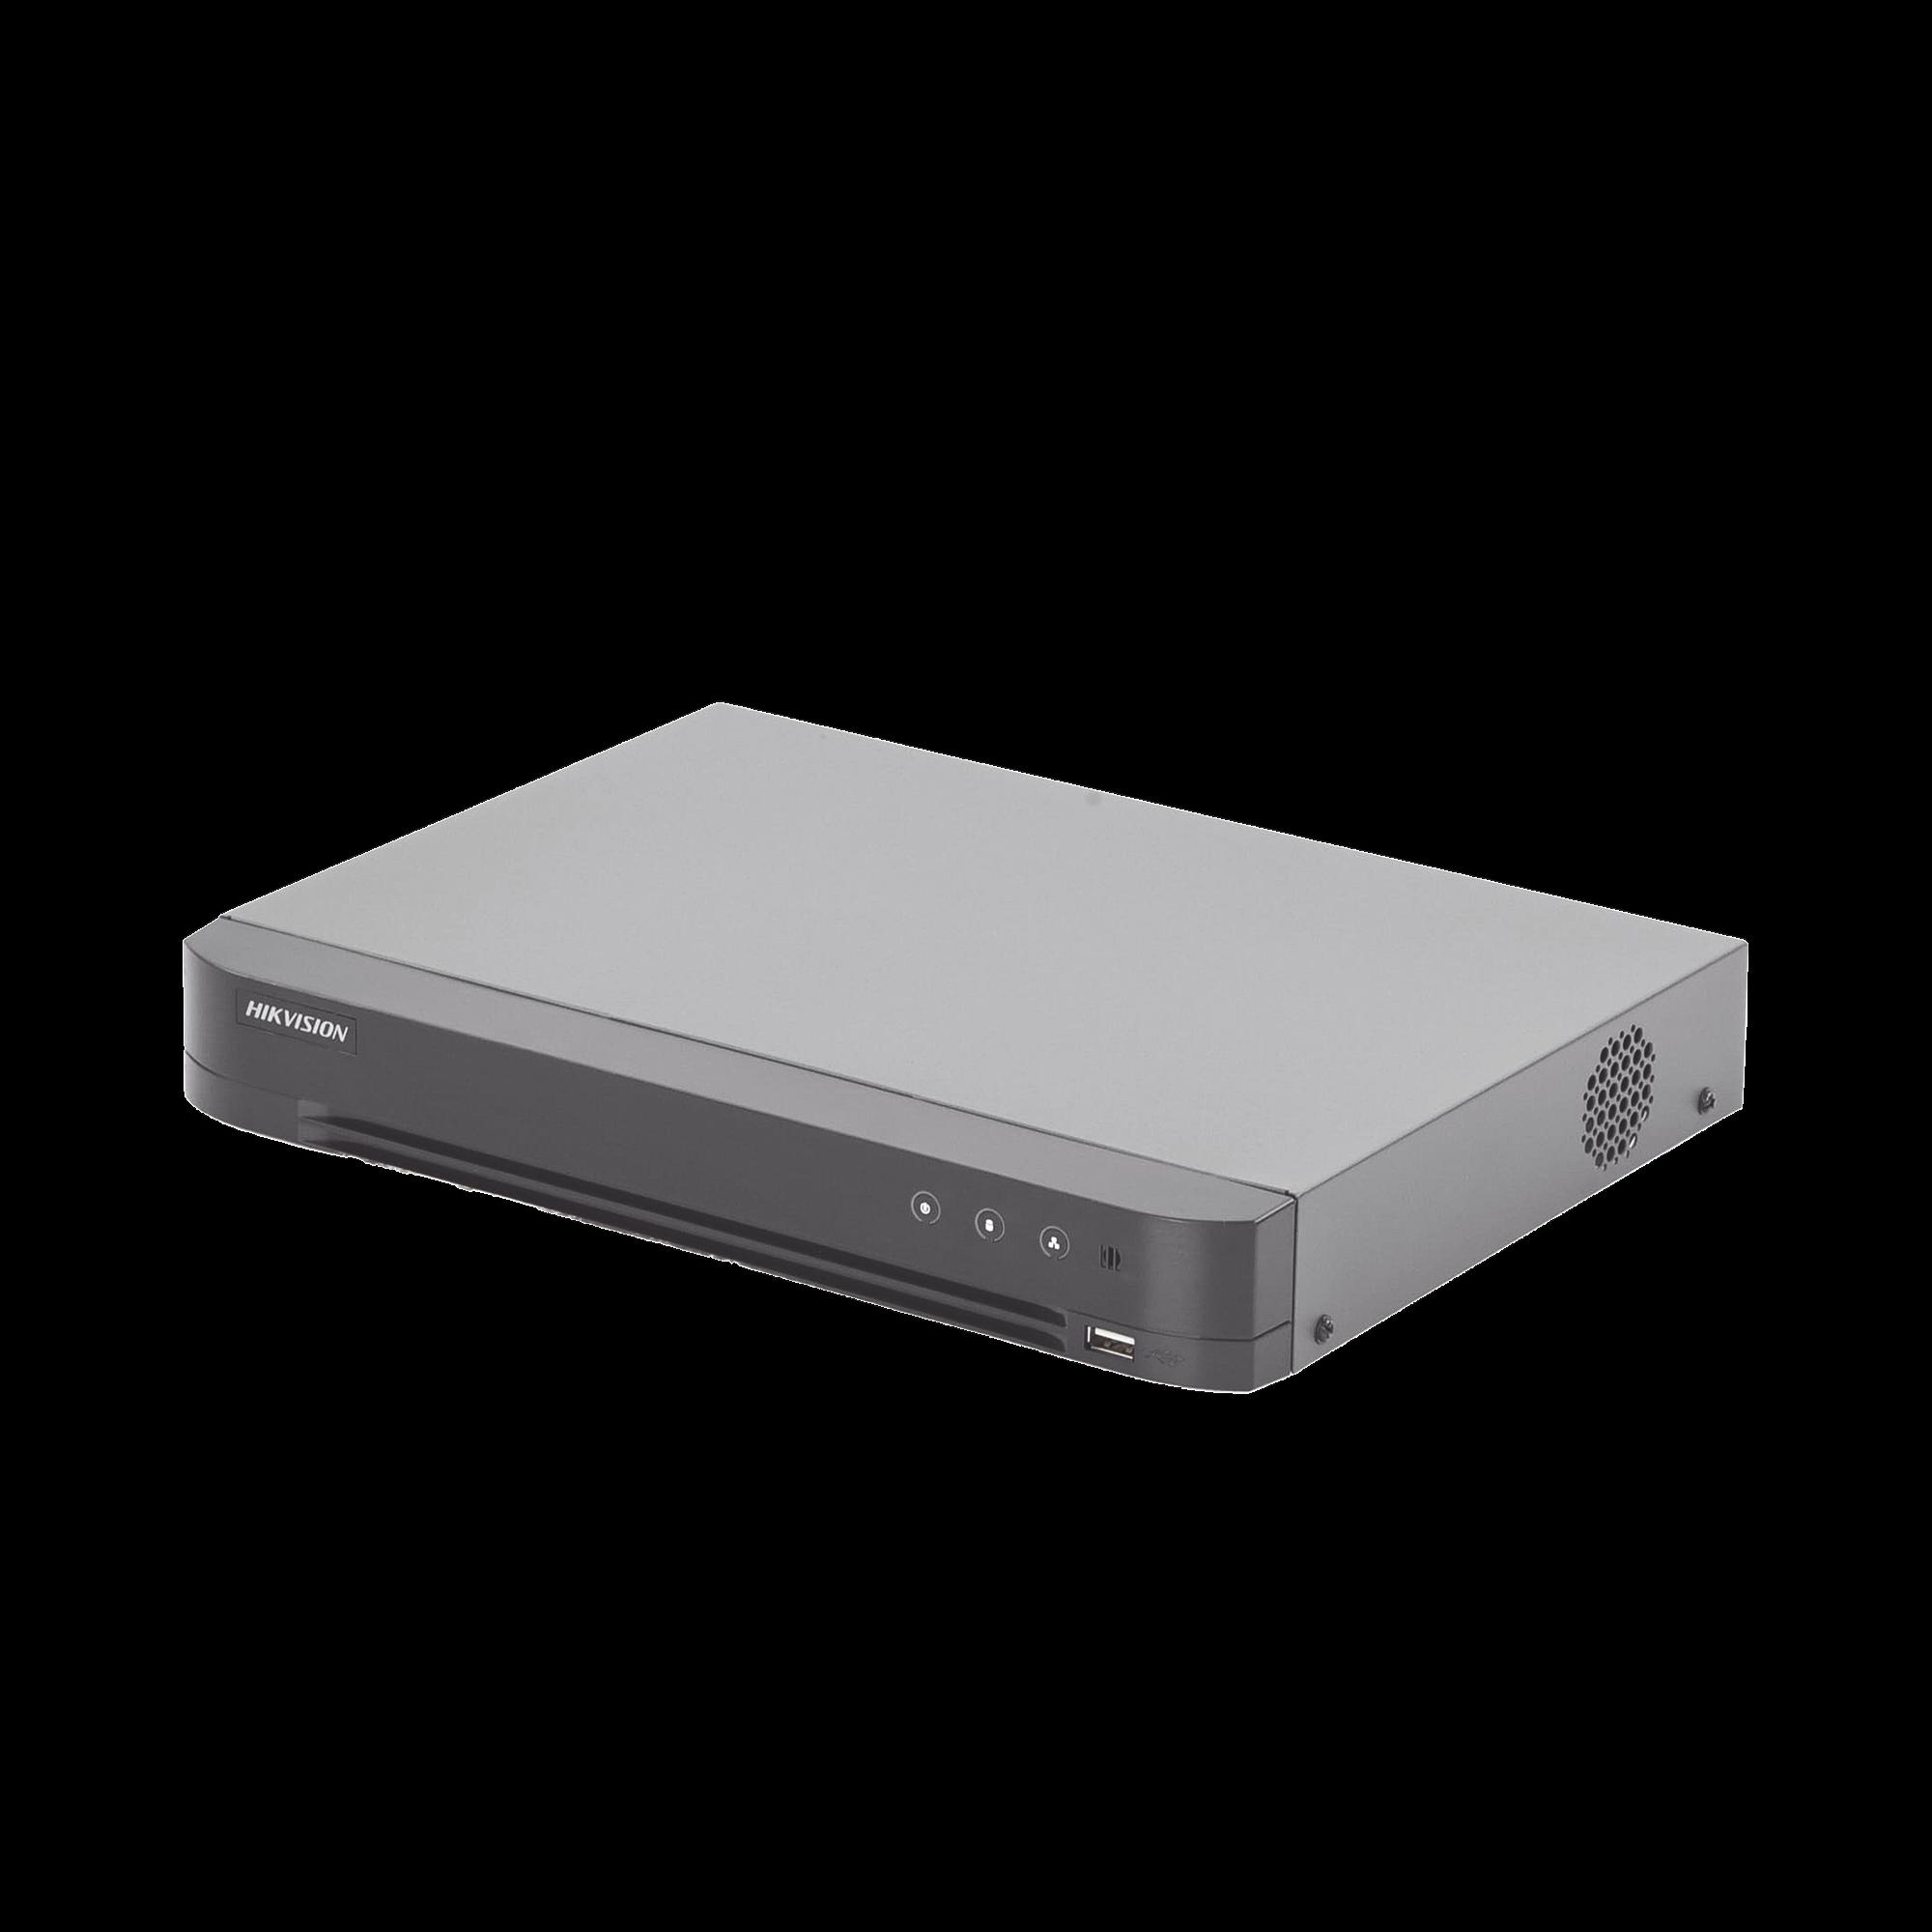 DVR 4 Megapixel / 8 Canales TURBOHD + 4 Canales IP / Detección de Rostros / 1 Bahía de Disco Duro / 8 Canales de Audio